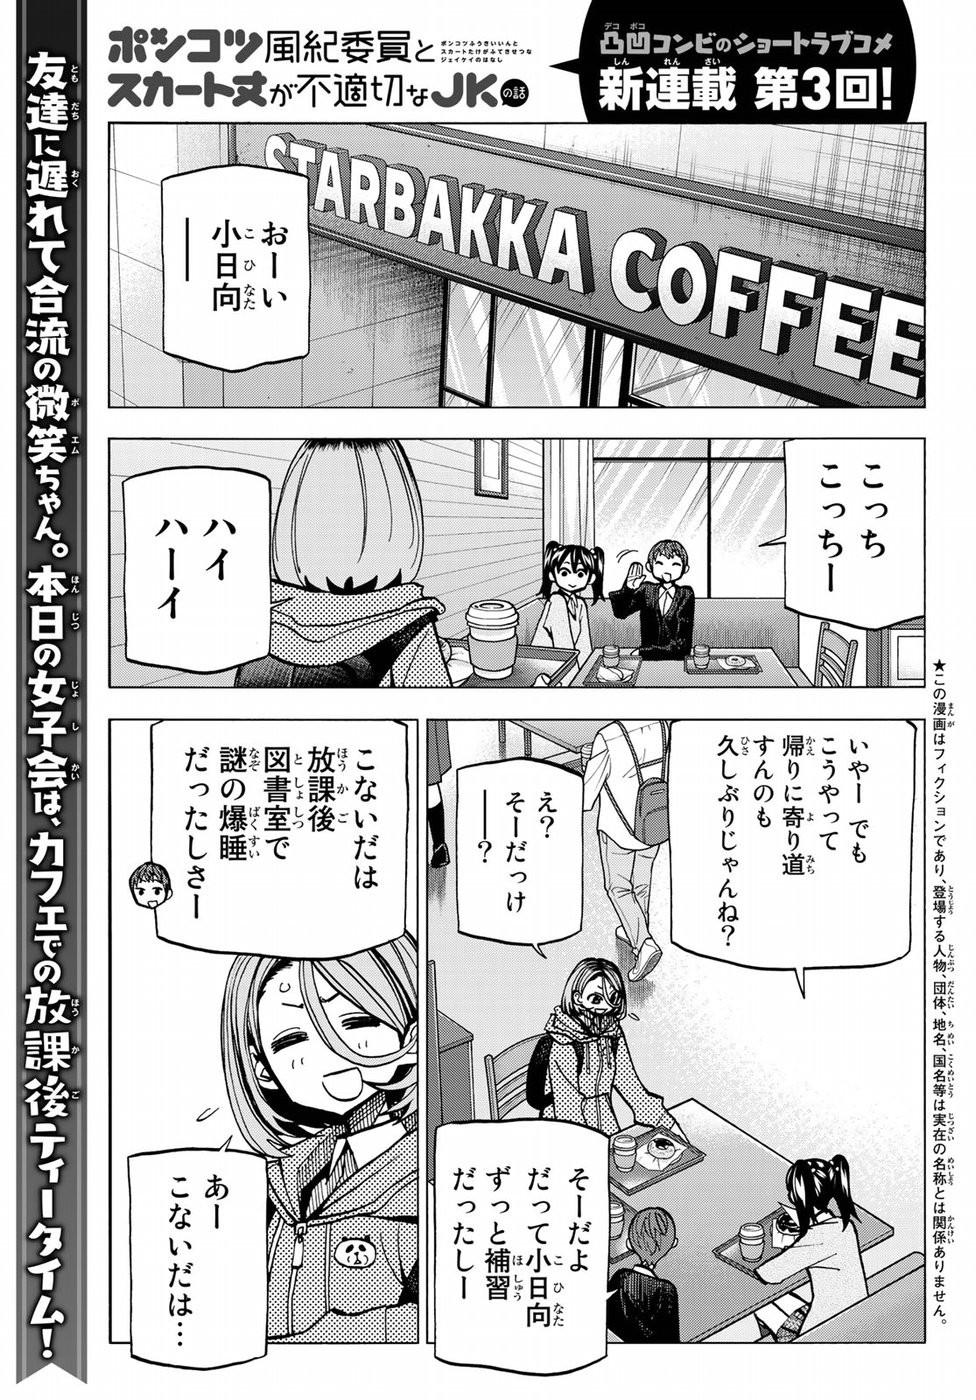 Ponkotsu-Fuukiin-to-Skirt-Take-ga-Futekisetsu-na-JK-no-Hanashi - Chapter 003 - Page 1